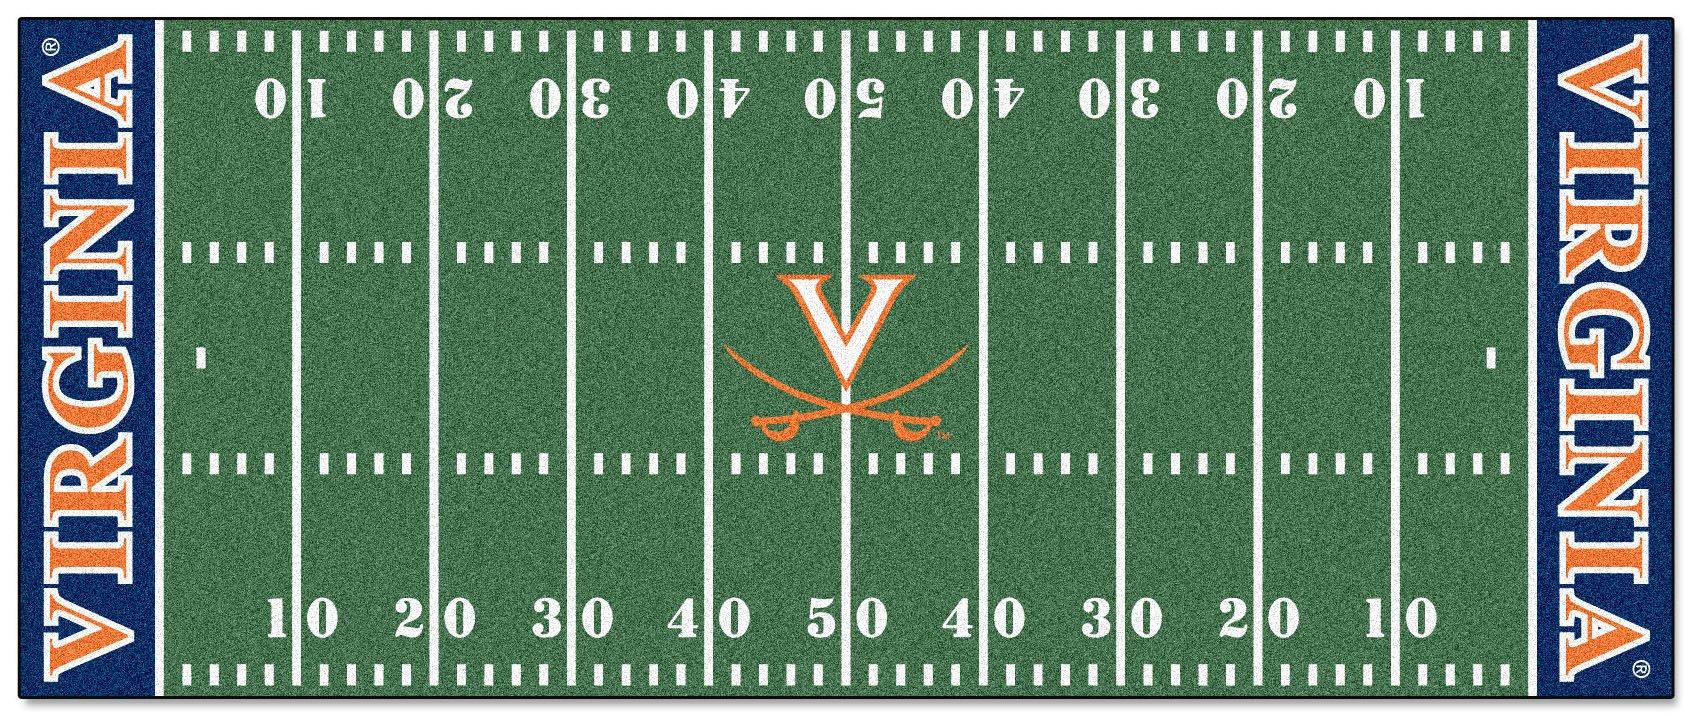 Football Runner Floor Mat - University of Virginia